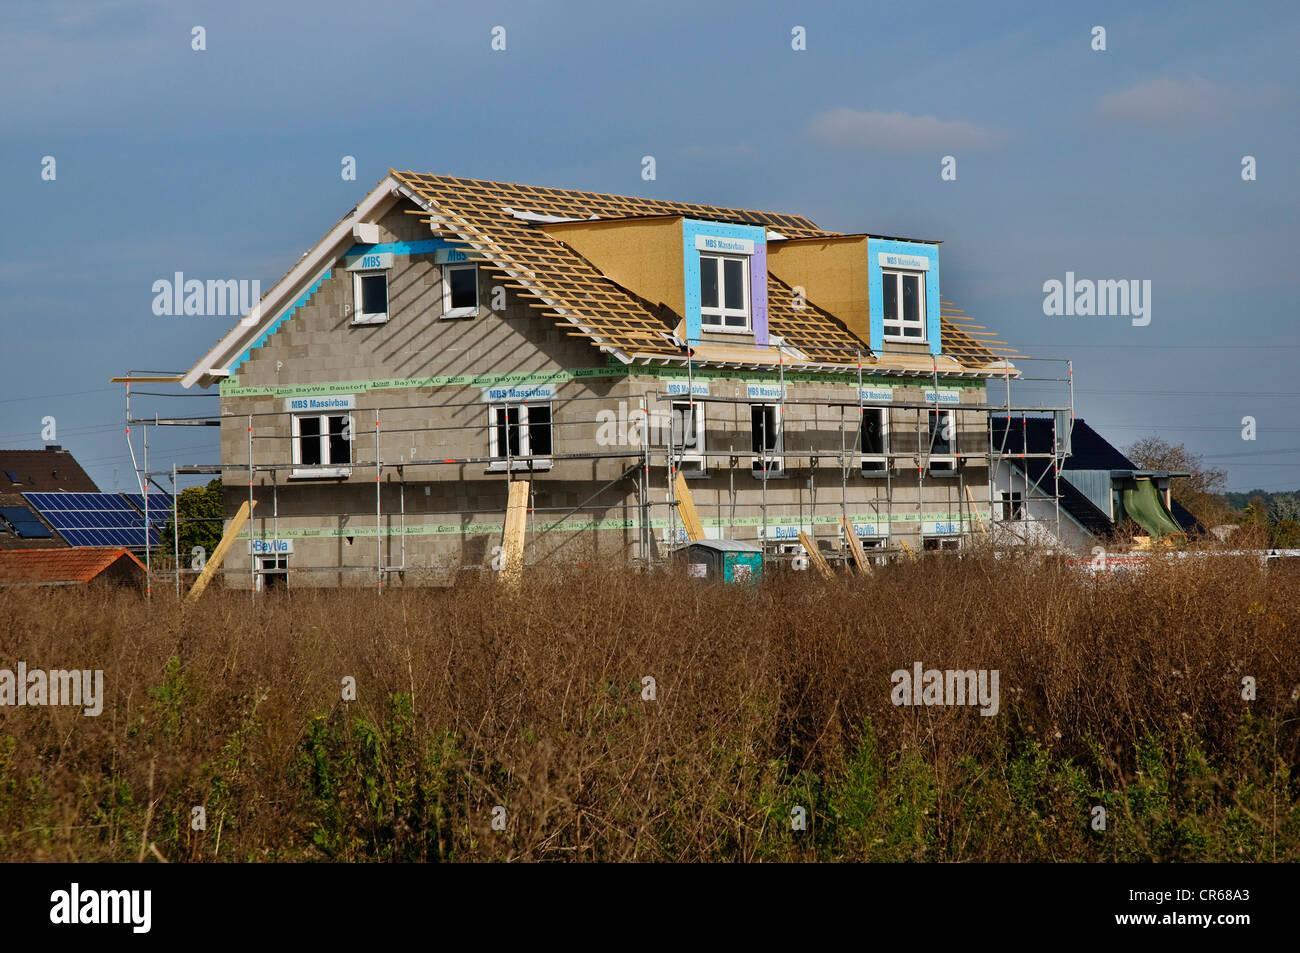 Edificio de nueva construcción, casa multi-familiar, sitio de construcción, PublicGround Imagen De Stock